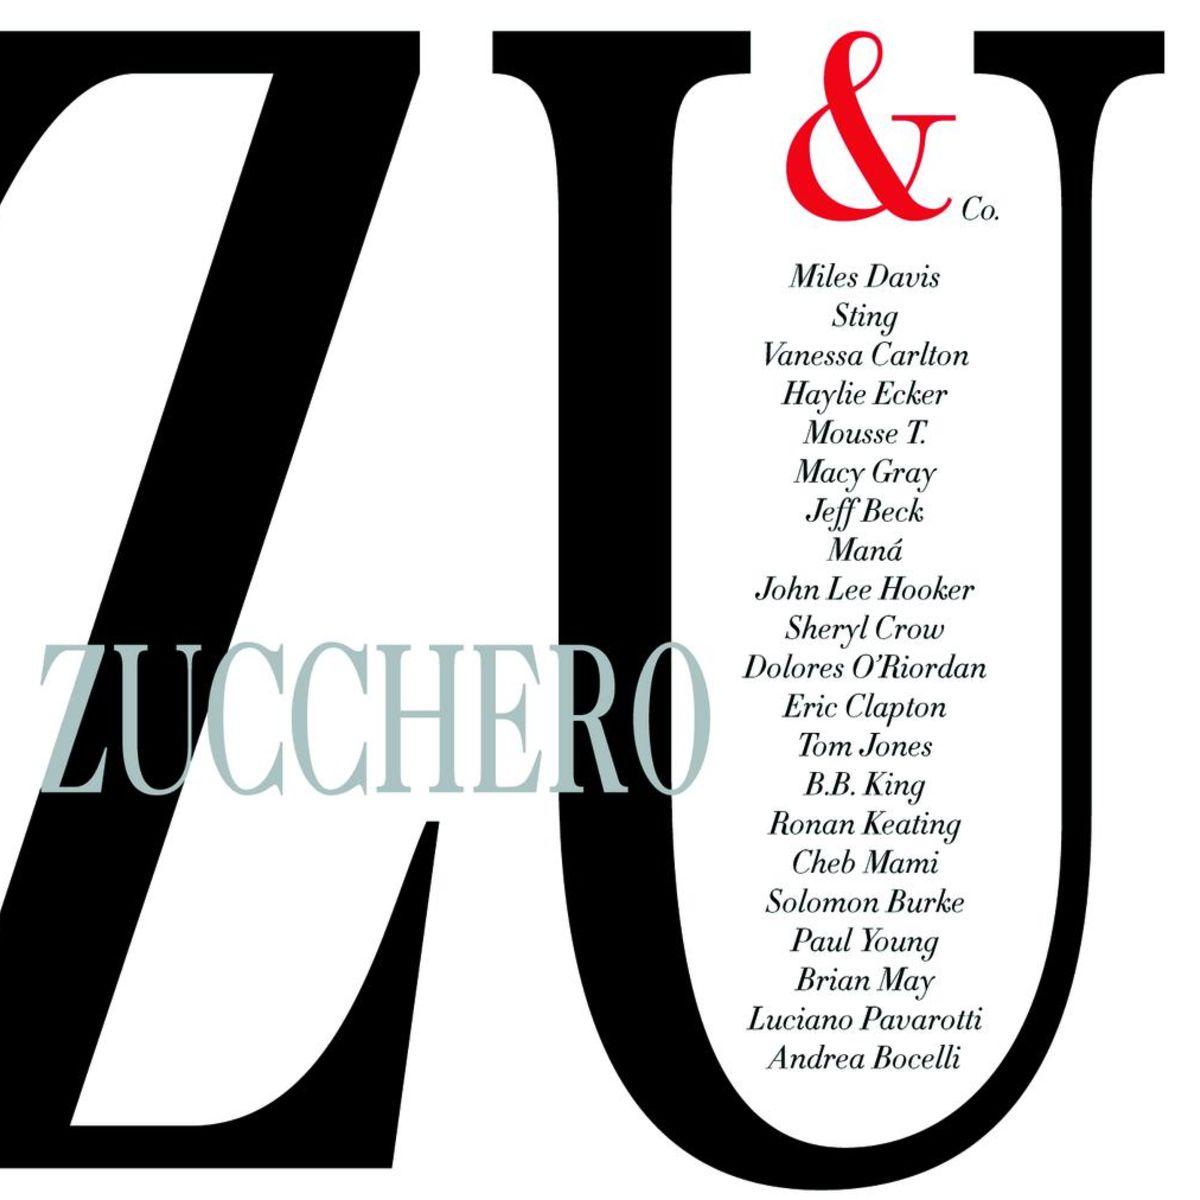 Zucchero 'Sugar' Fornaciari - Zucchero & Co. album cover